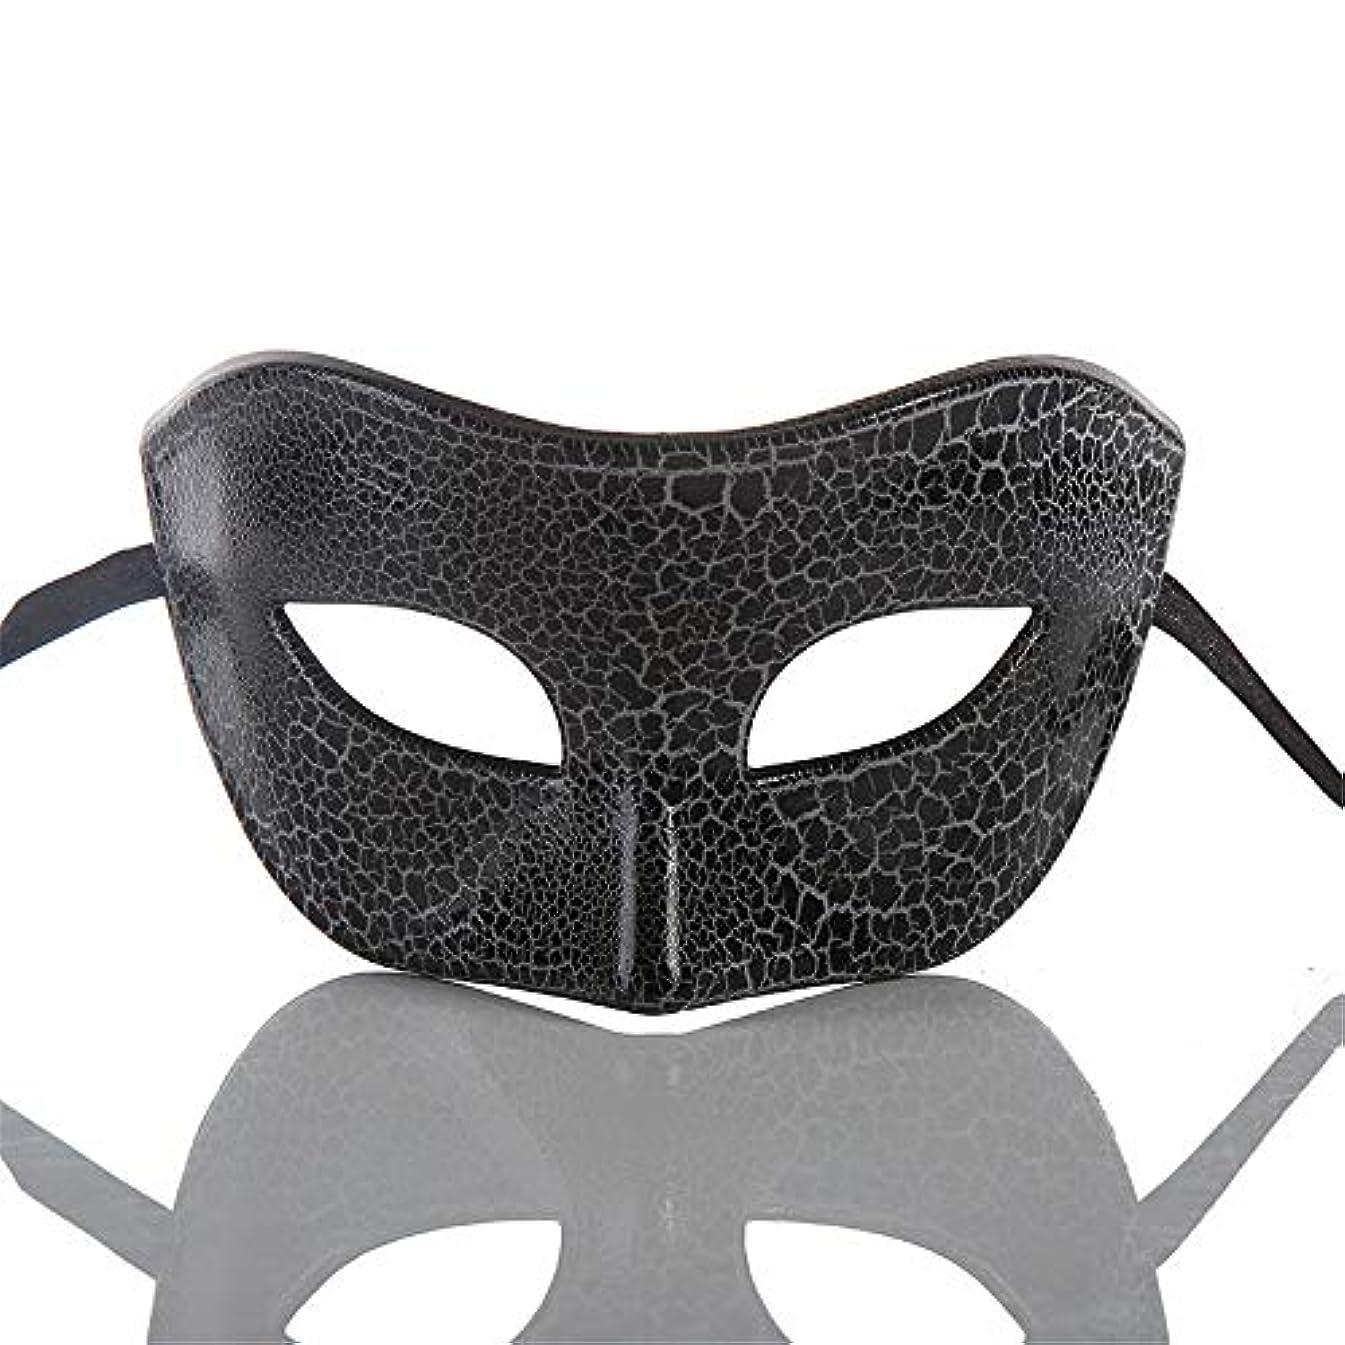 記念碑的なタイムリーな夜明けにダンスマスク ハーフマスク新しいハロウィーンマスク仮装レトロコスプレメイクナイトクラブマスク雰囲気クリスマスお祝いプラスチックマスク ホリデーパーティー用品 (色 : ブラック, サイズ : 16.5x8cm)